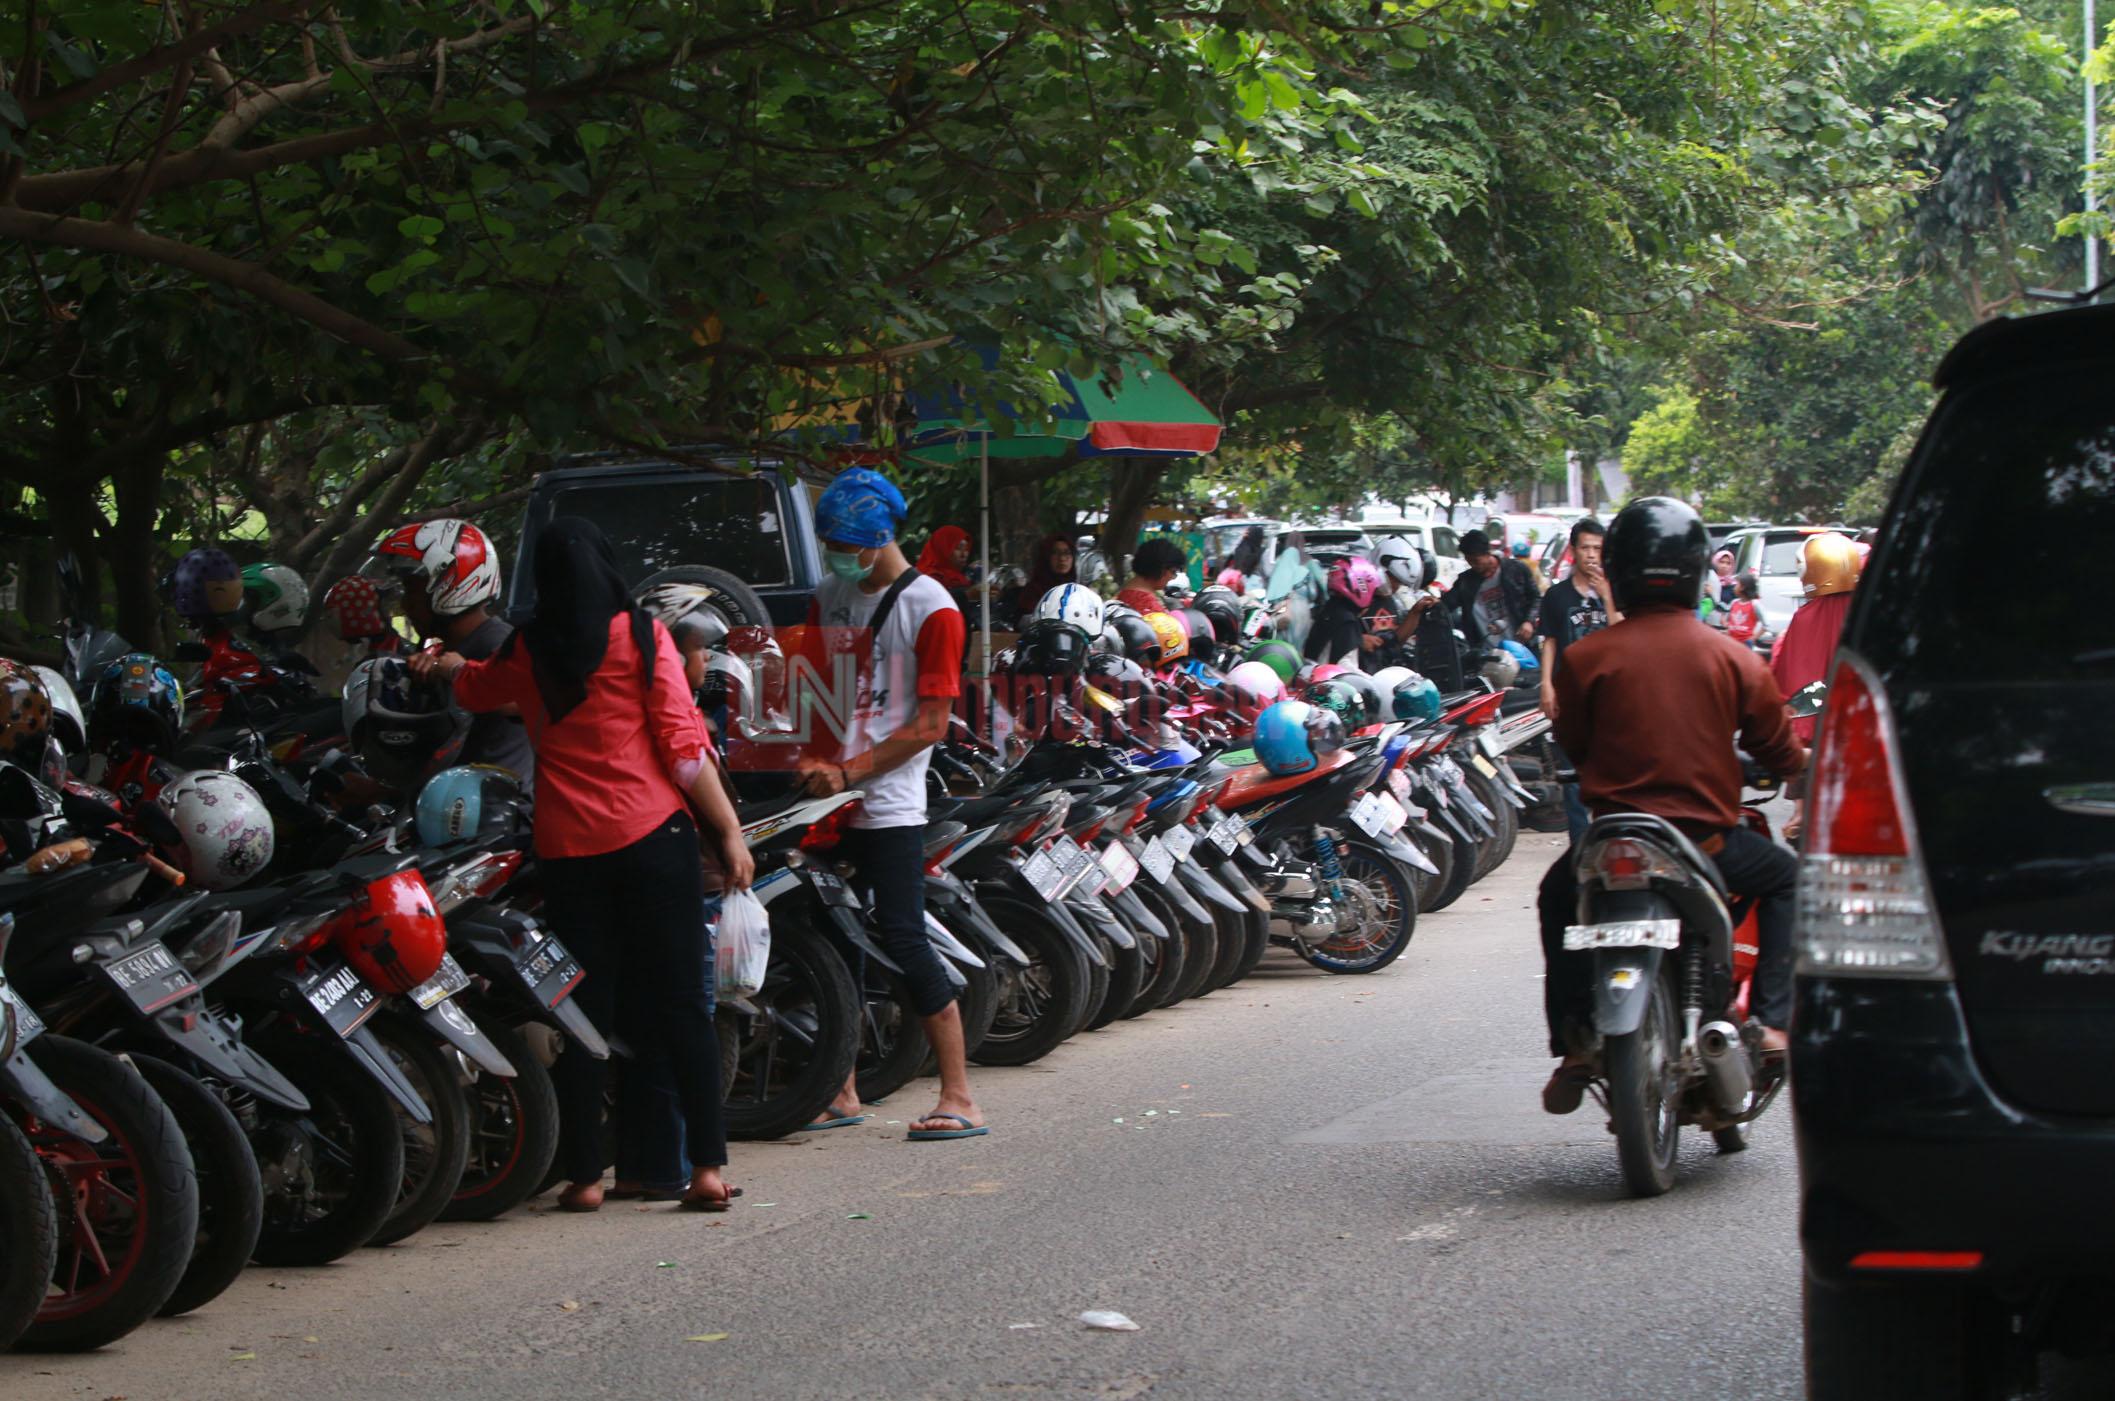 Sejumlah kendaraan roda empat dan roda dua parkir di bahu jalan Sultan Agung, Minggu 7 Januari 2018. Parkir liar di bahu jalan ini sudah ada sejak Transmart Lampung dibuka dan menyebabkan arus lalu lintas menjadi semerawut. (Lampungnews.com/El Shinta)